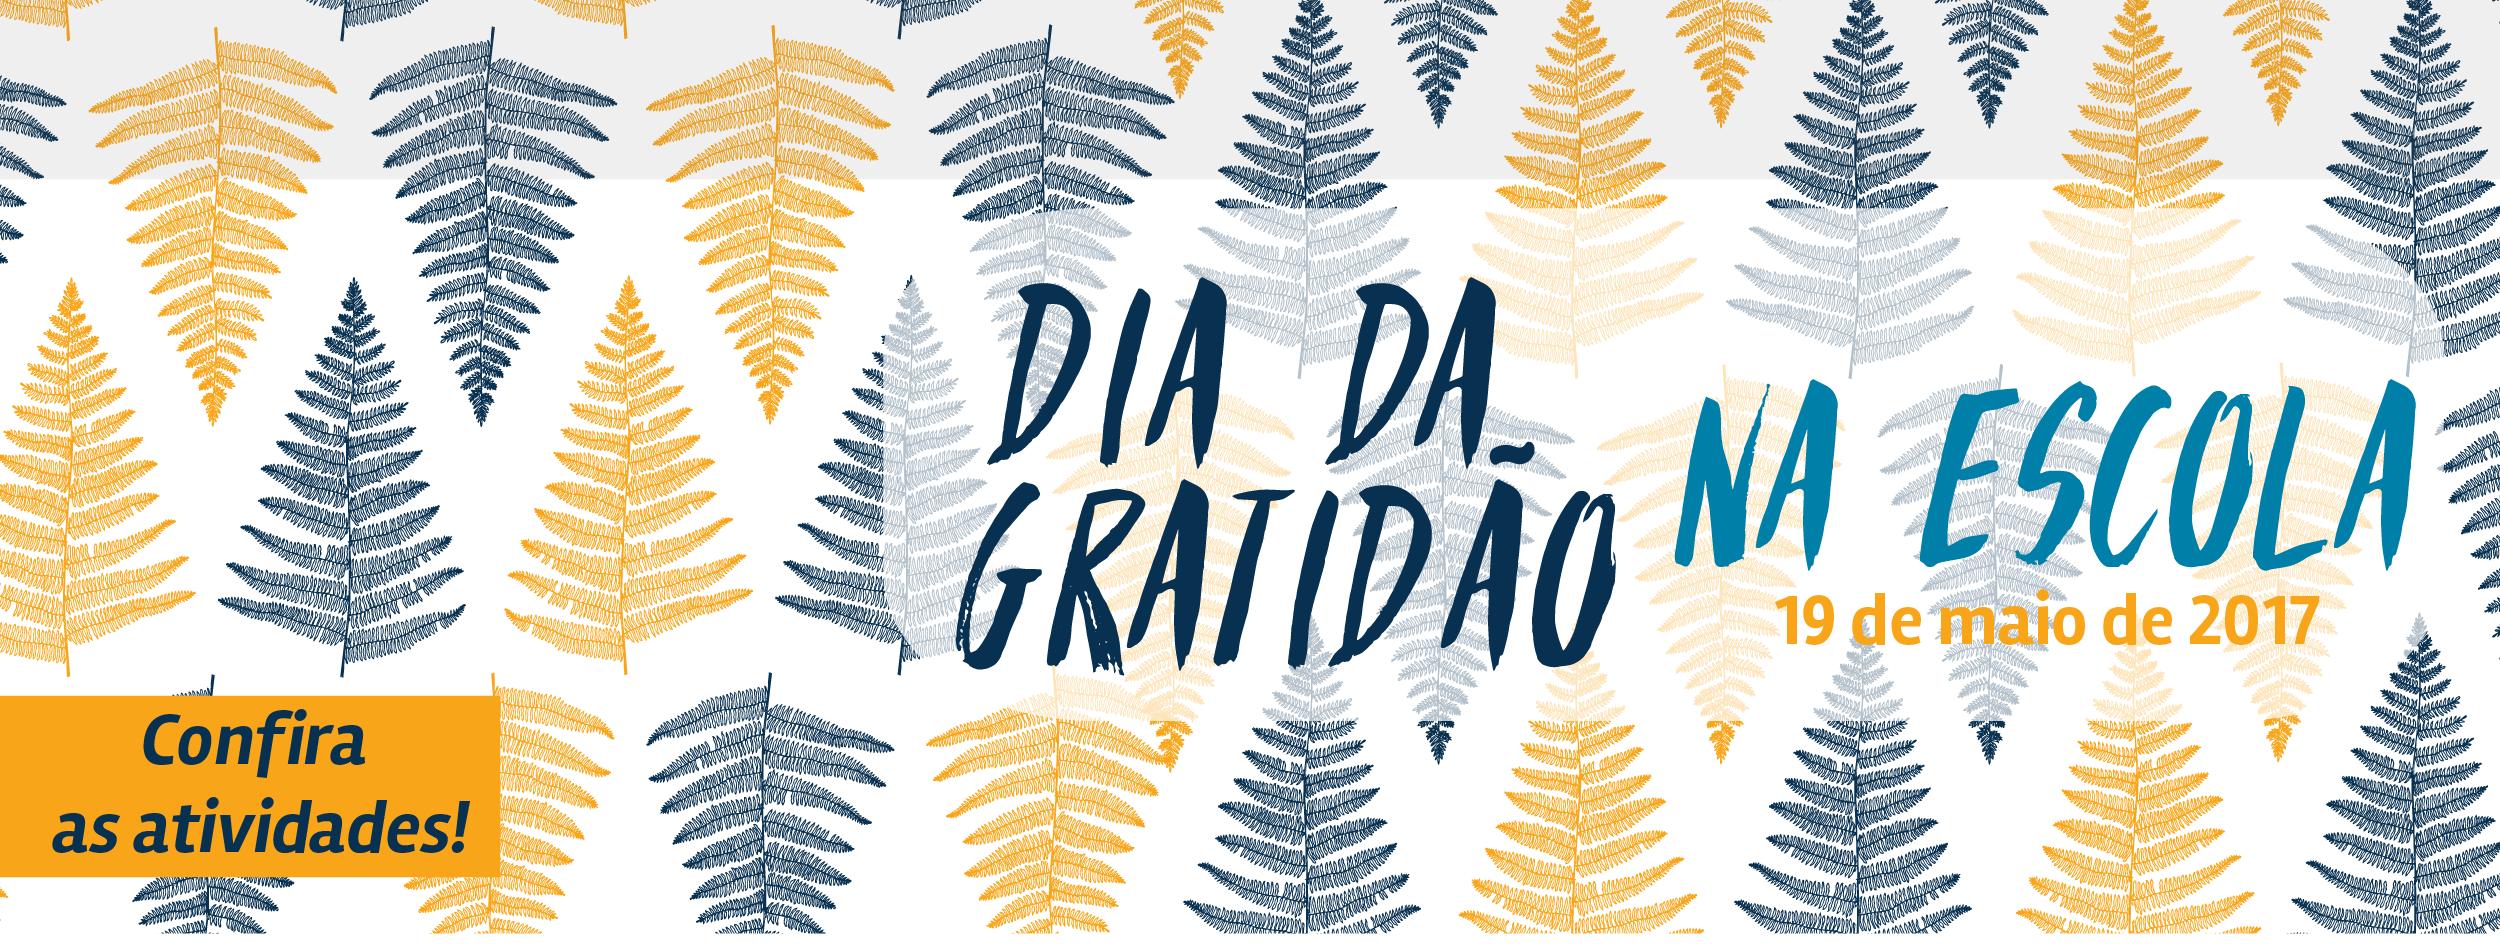 Dia-da-Gratidão-na-Escola_Projeto-Pedagógico_Projeto-Pedagógico